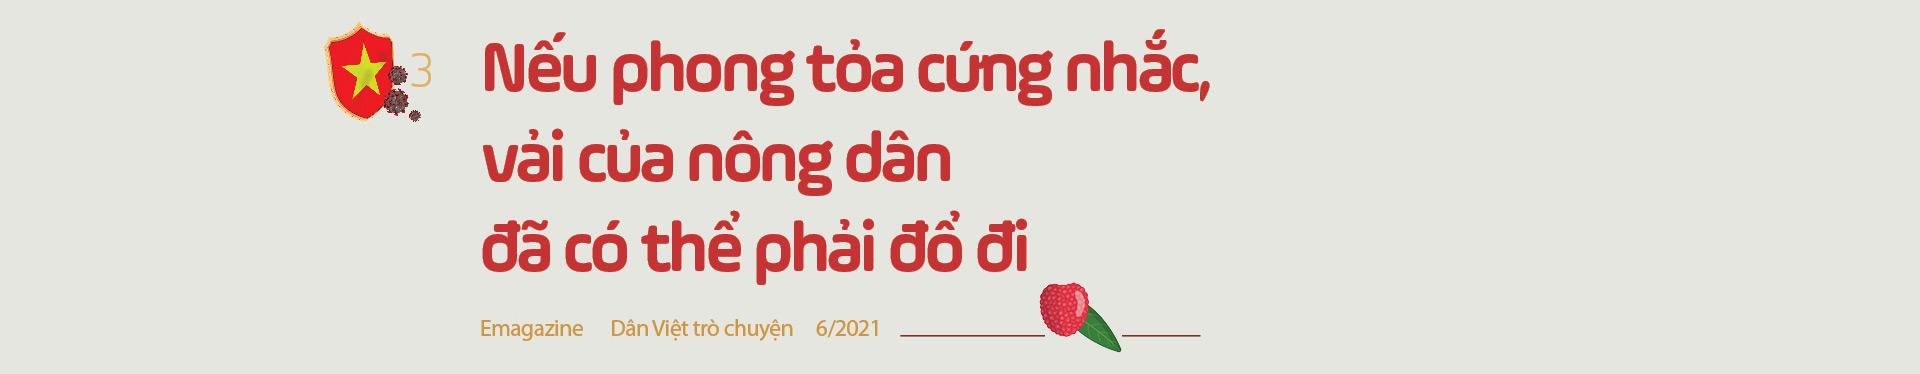 Ủy viên Trung ương Đảng, Bí thư Tỉnh ủy Bắc Giang Dương Văn Thái: Mùa vải nóng sẽ…ngọt ngào! - Ảnh 17.